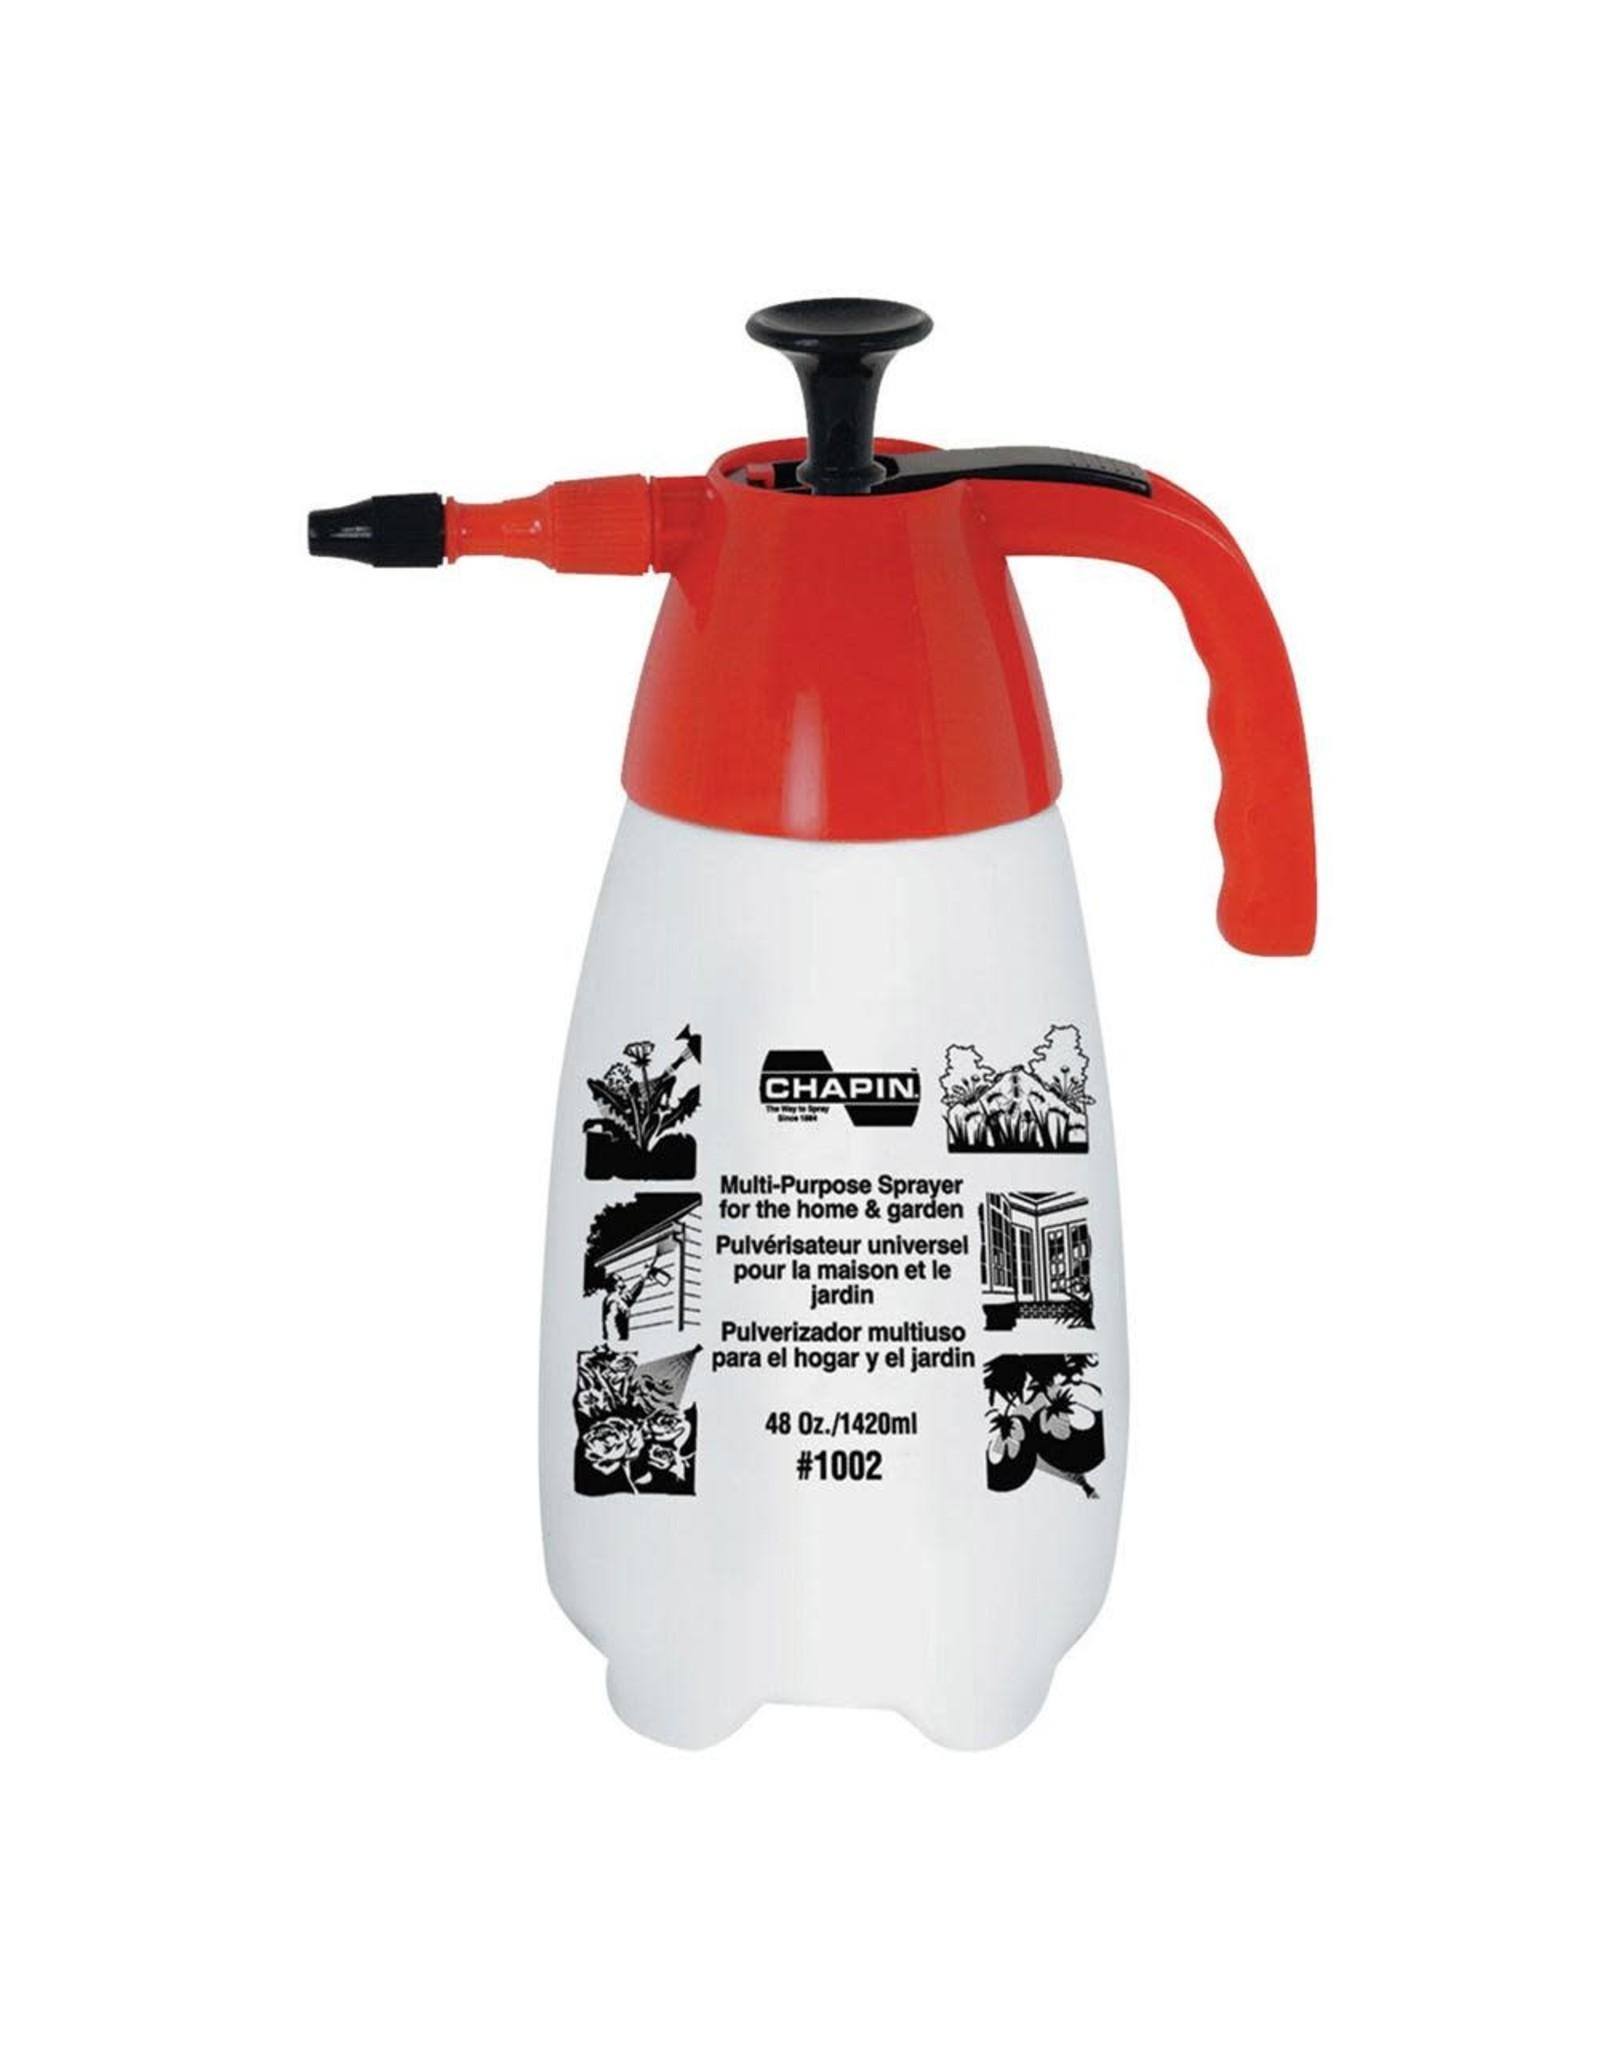 Chapin Multi Purpose Sprayer 48 OZ